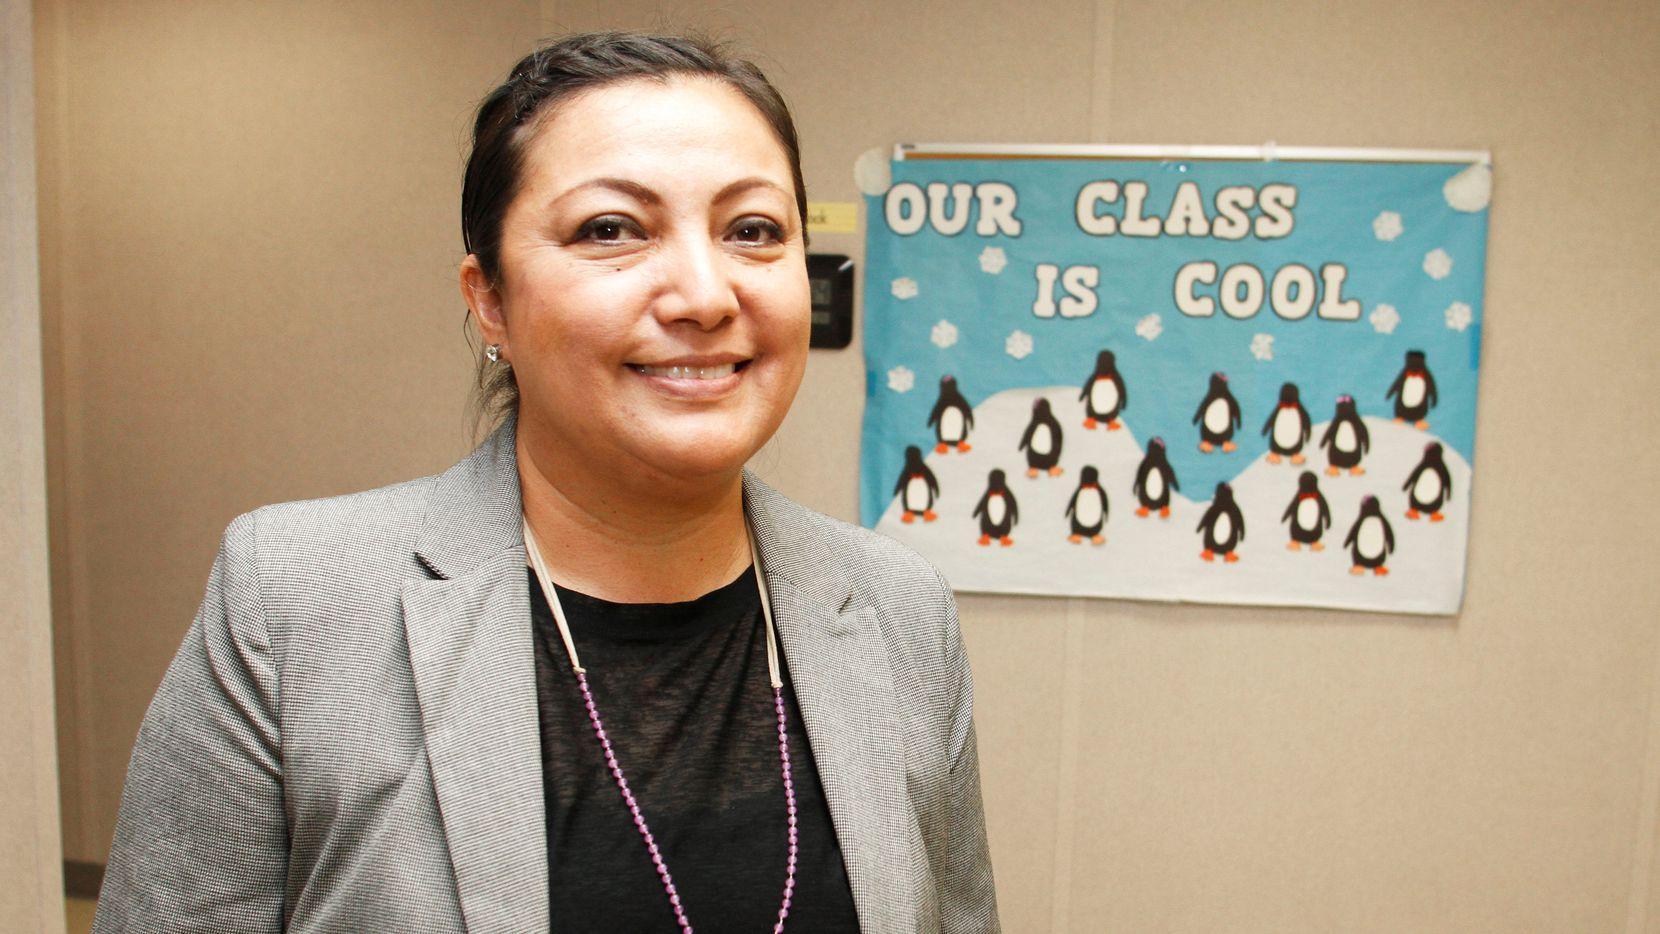 María Reza es coordinadora del programa de enlace con los padres de Bachman Lake Together en el norte de Dallas. (DMN/BRIAN ELLEDGE)